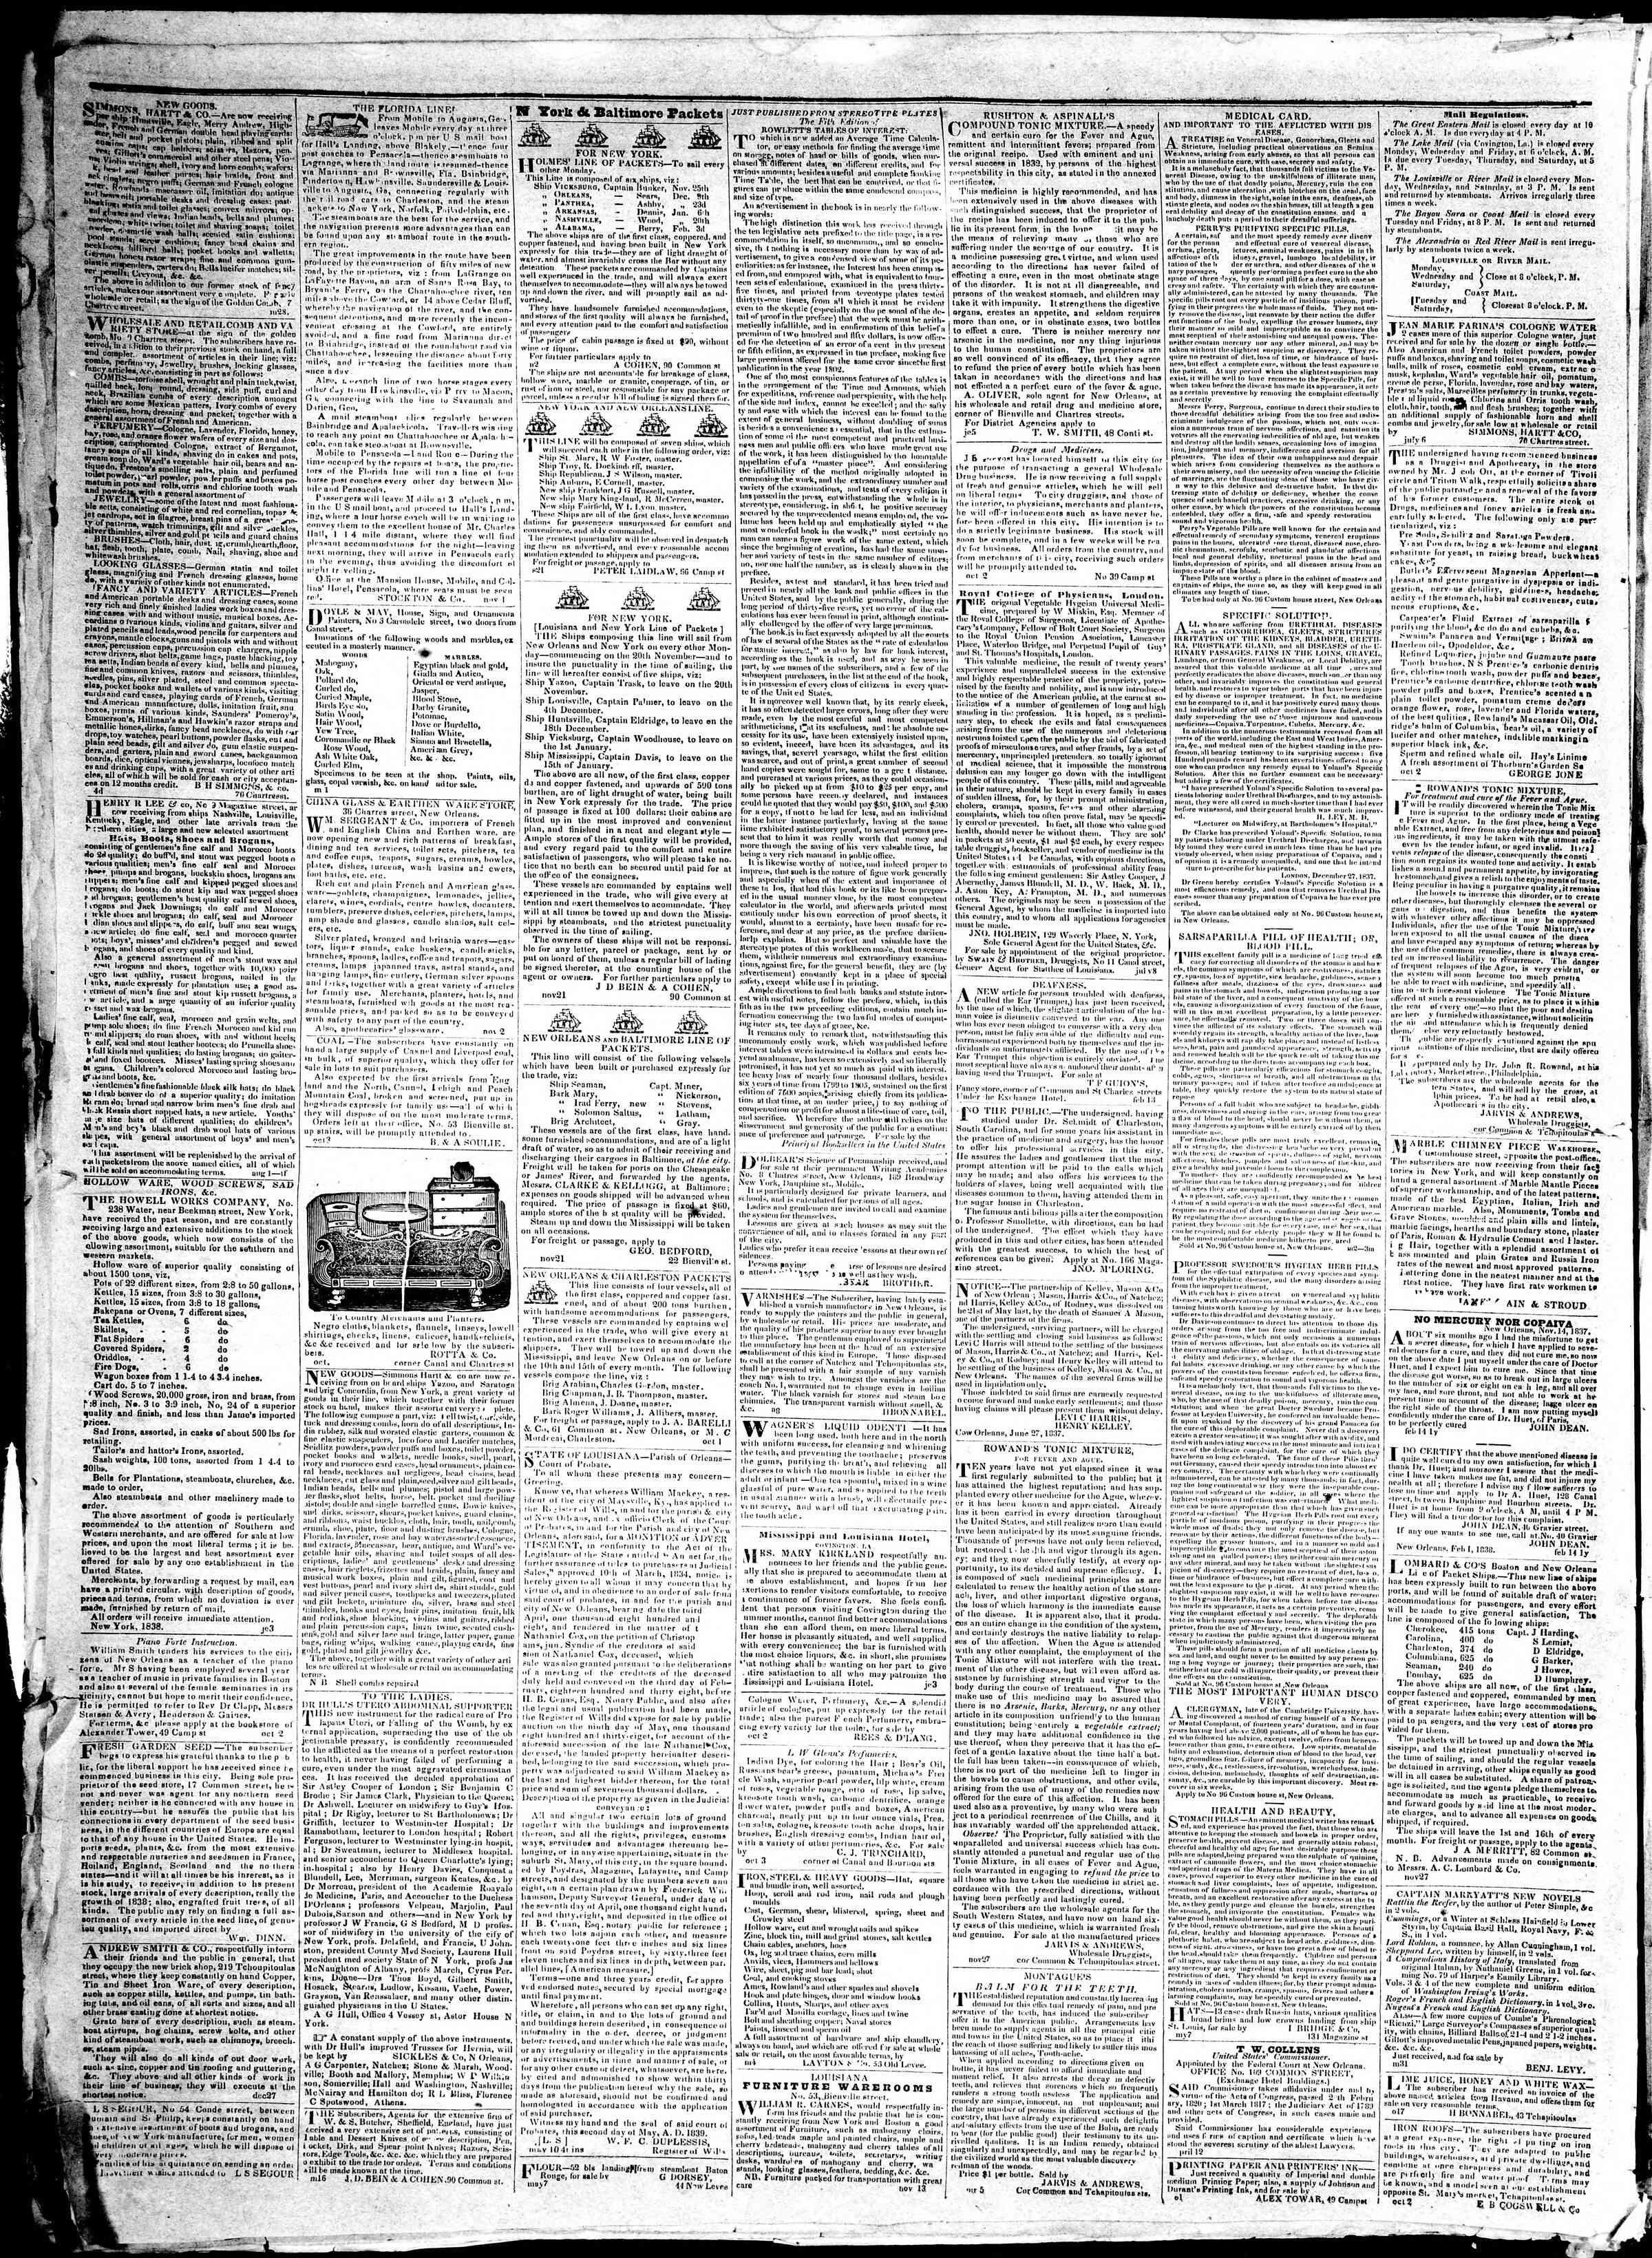 December 12, 1839 Tarihli True American Gazetesi Sayfa 4